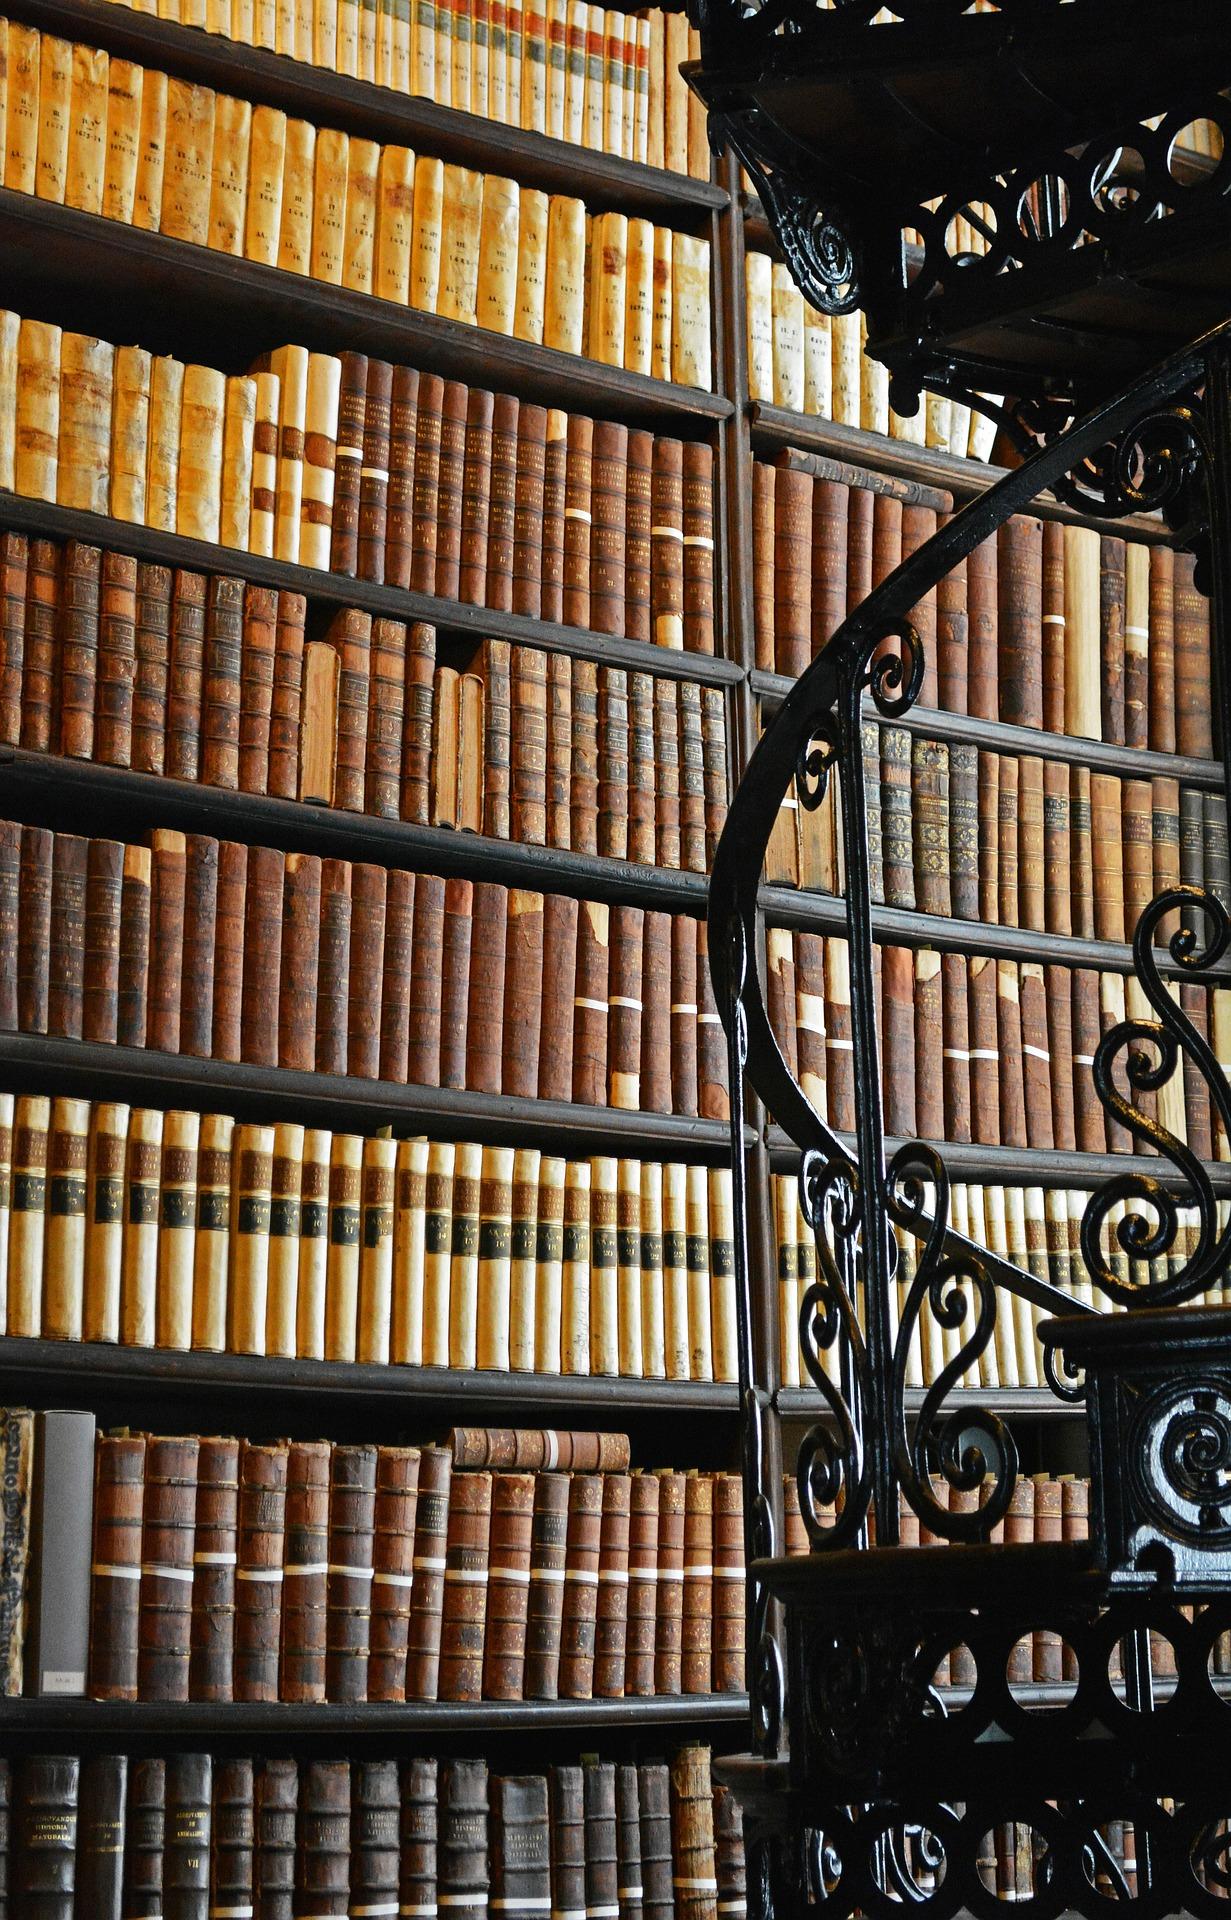 Ausschnittansicht einer großen Bücherwand einer Bibliothek hinter einer schmiedeeisernen Wendeltreppe.